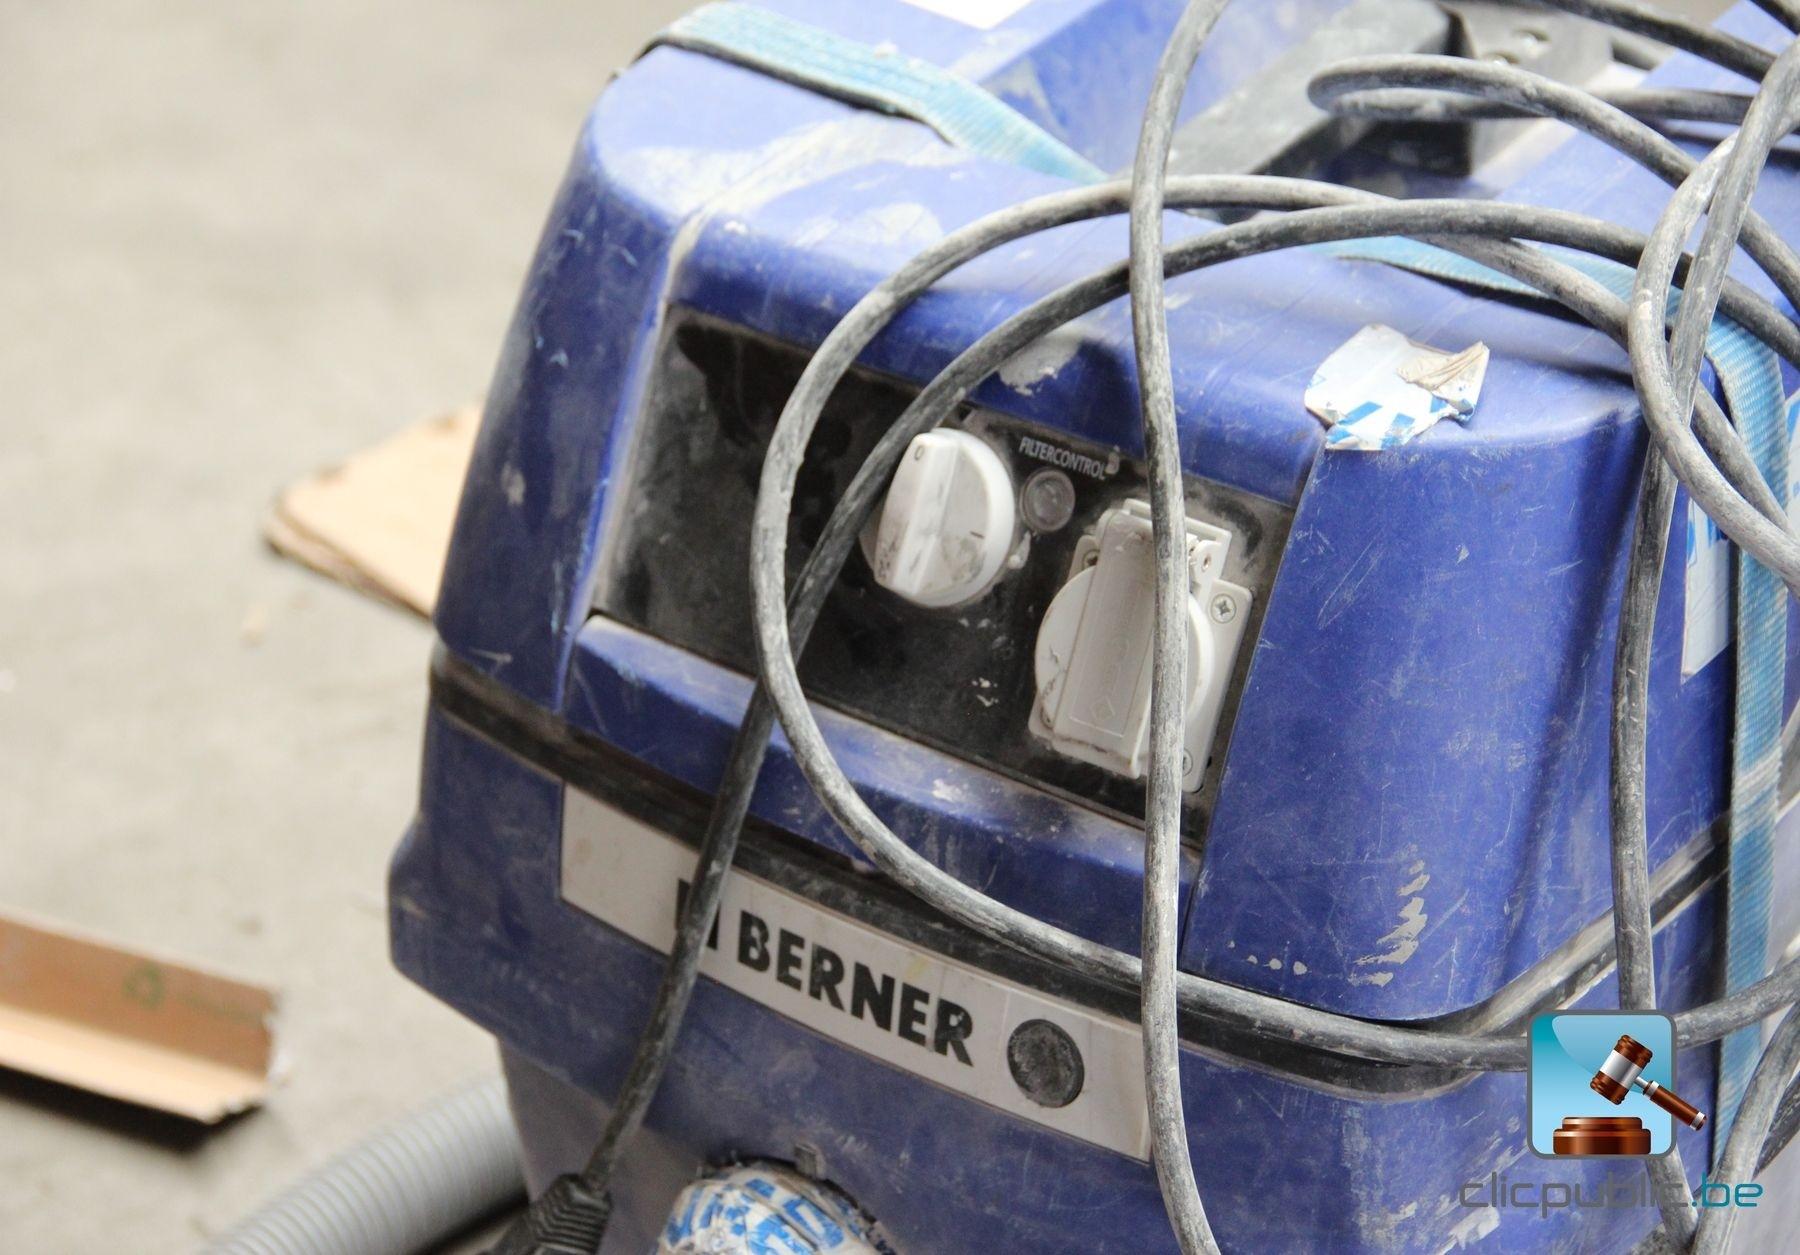 Industri le stofzuiger berner is 2400w te koop op - Industriele apparaten ...